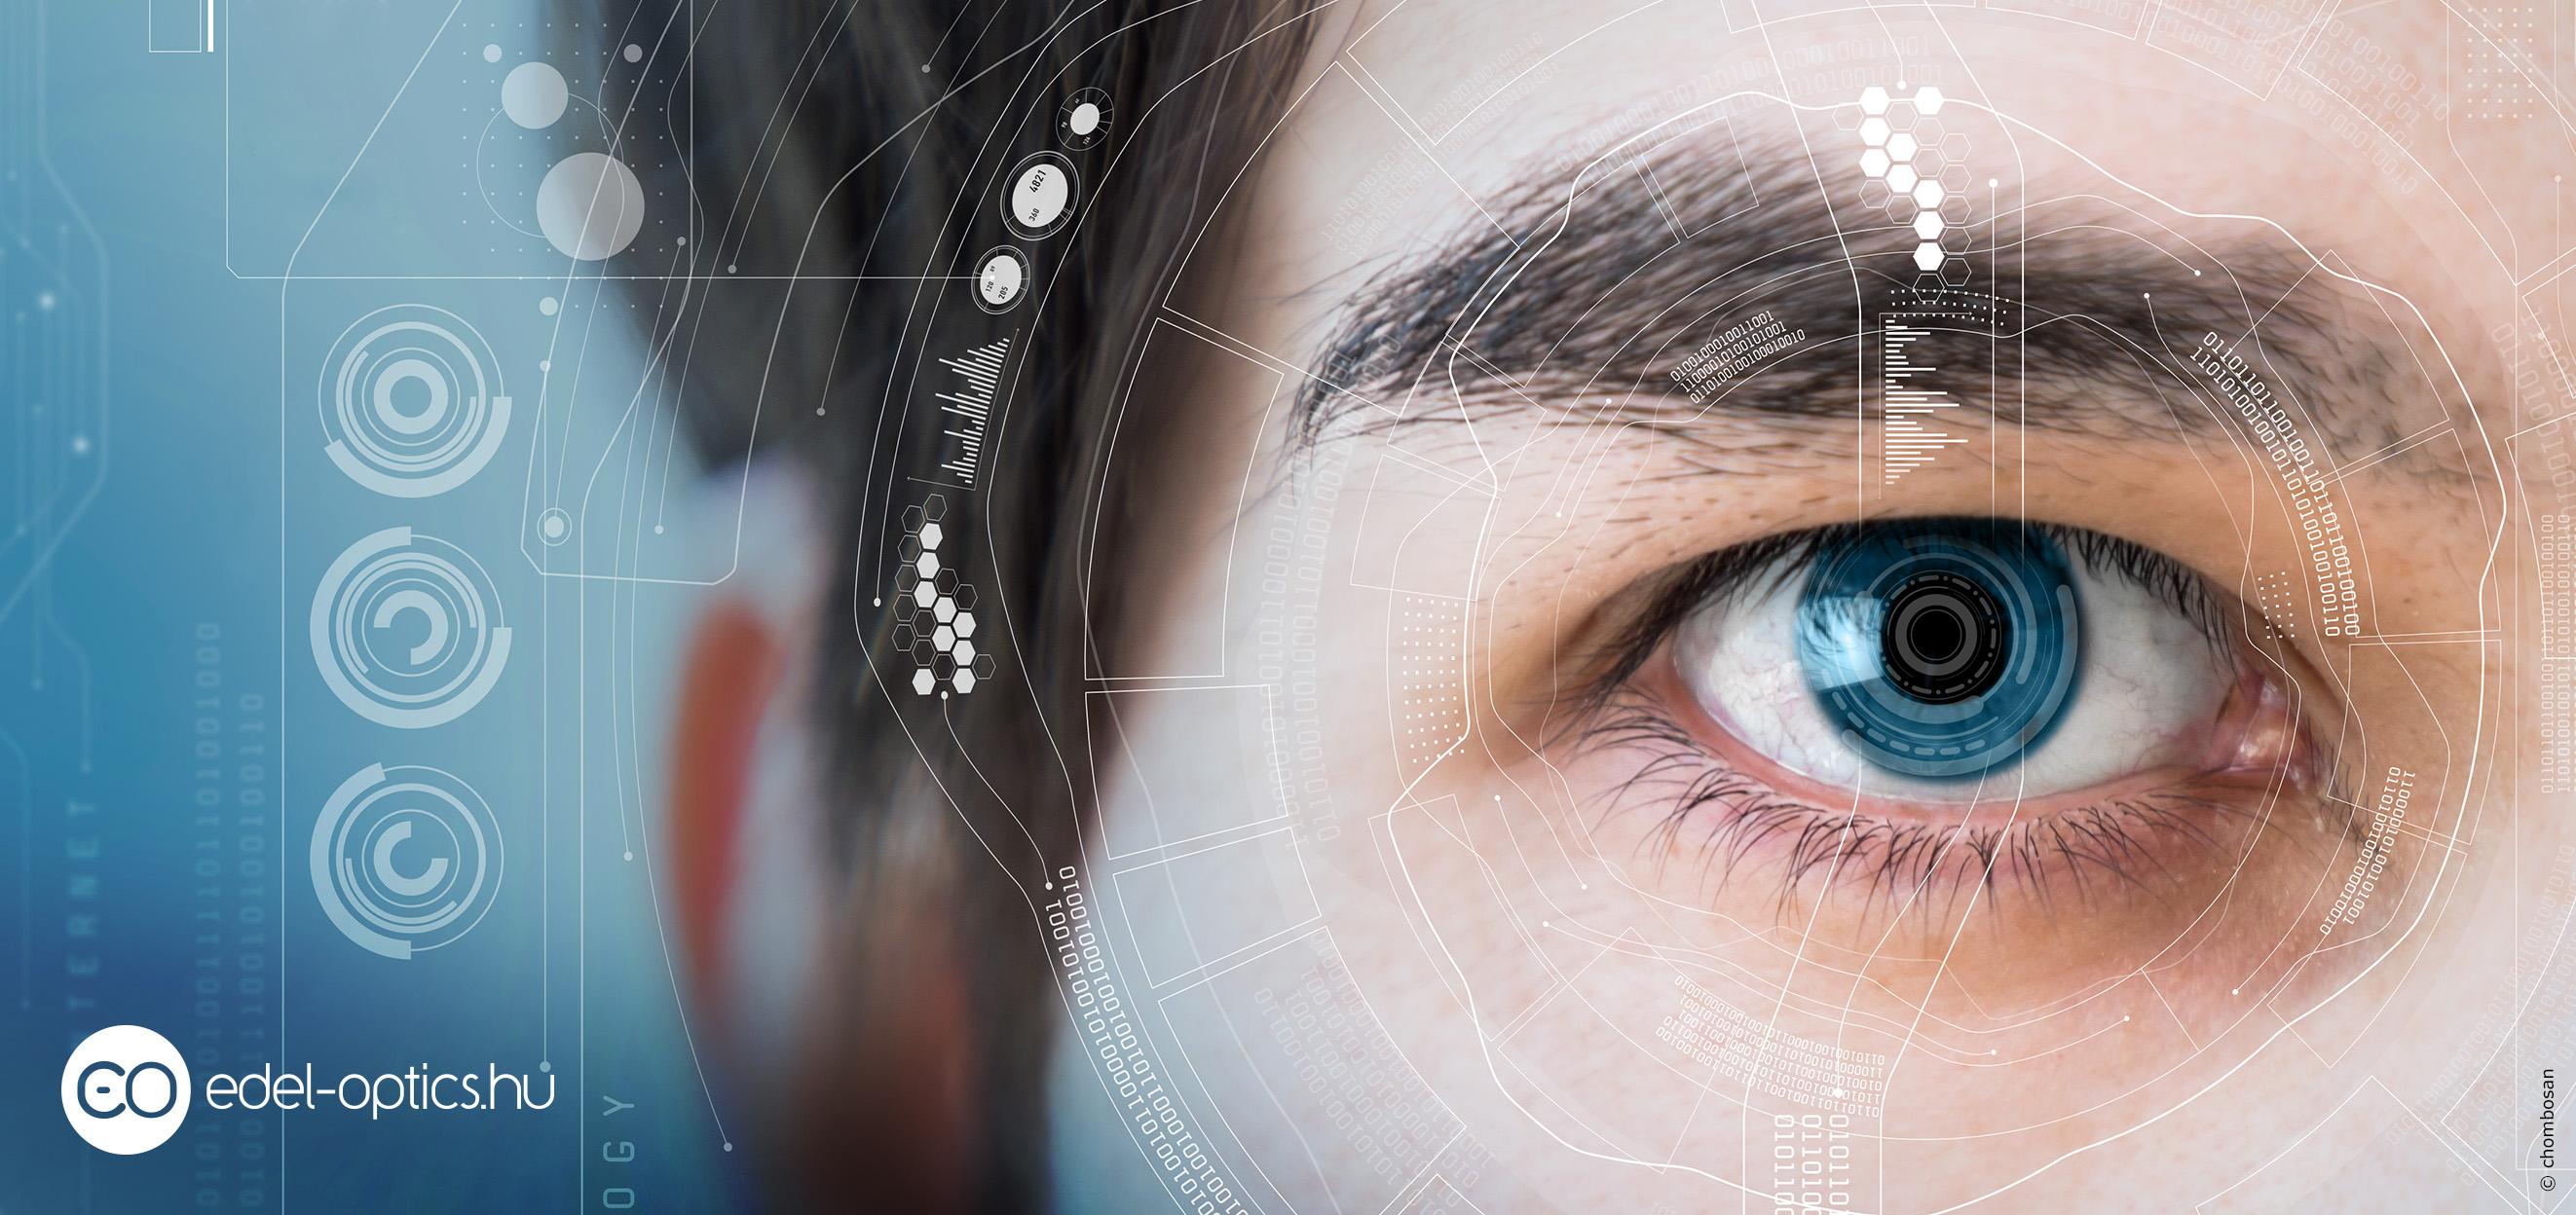 lehetséges a rövidlátás gyógyítása emberi látás skála